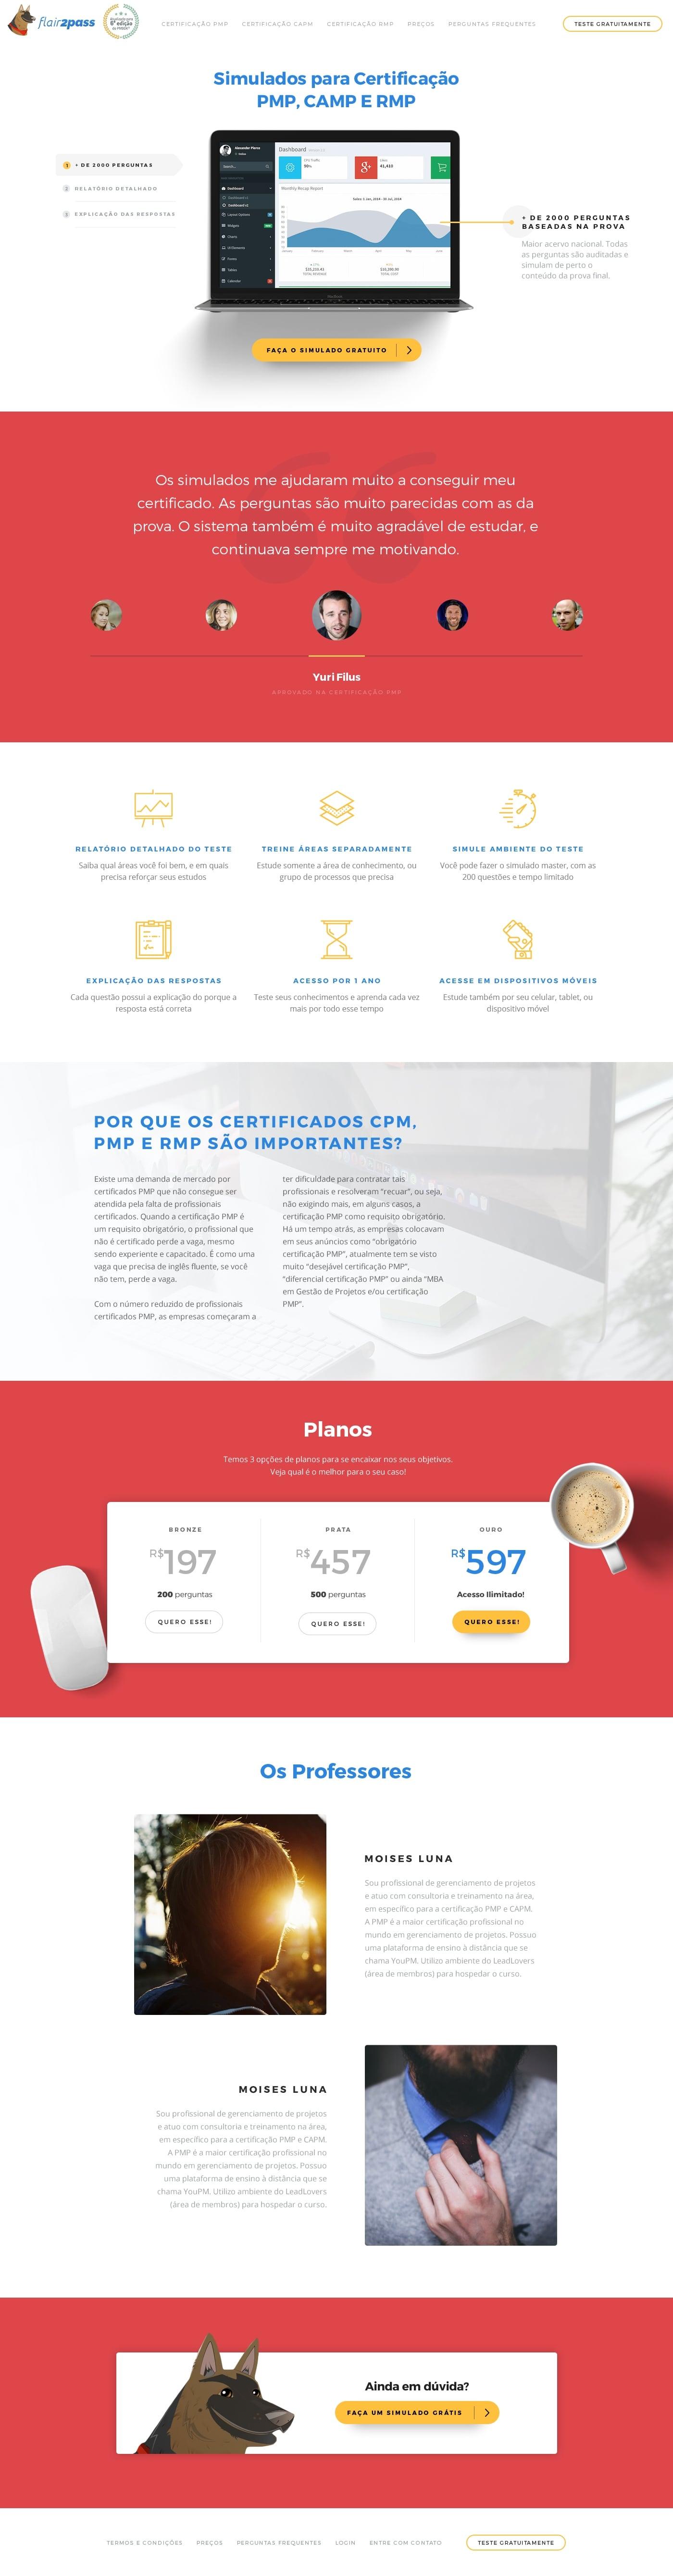 Website e sistema de simulados para Flair2pass